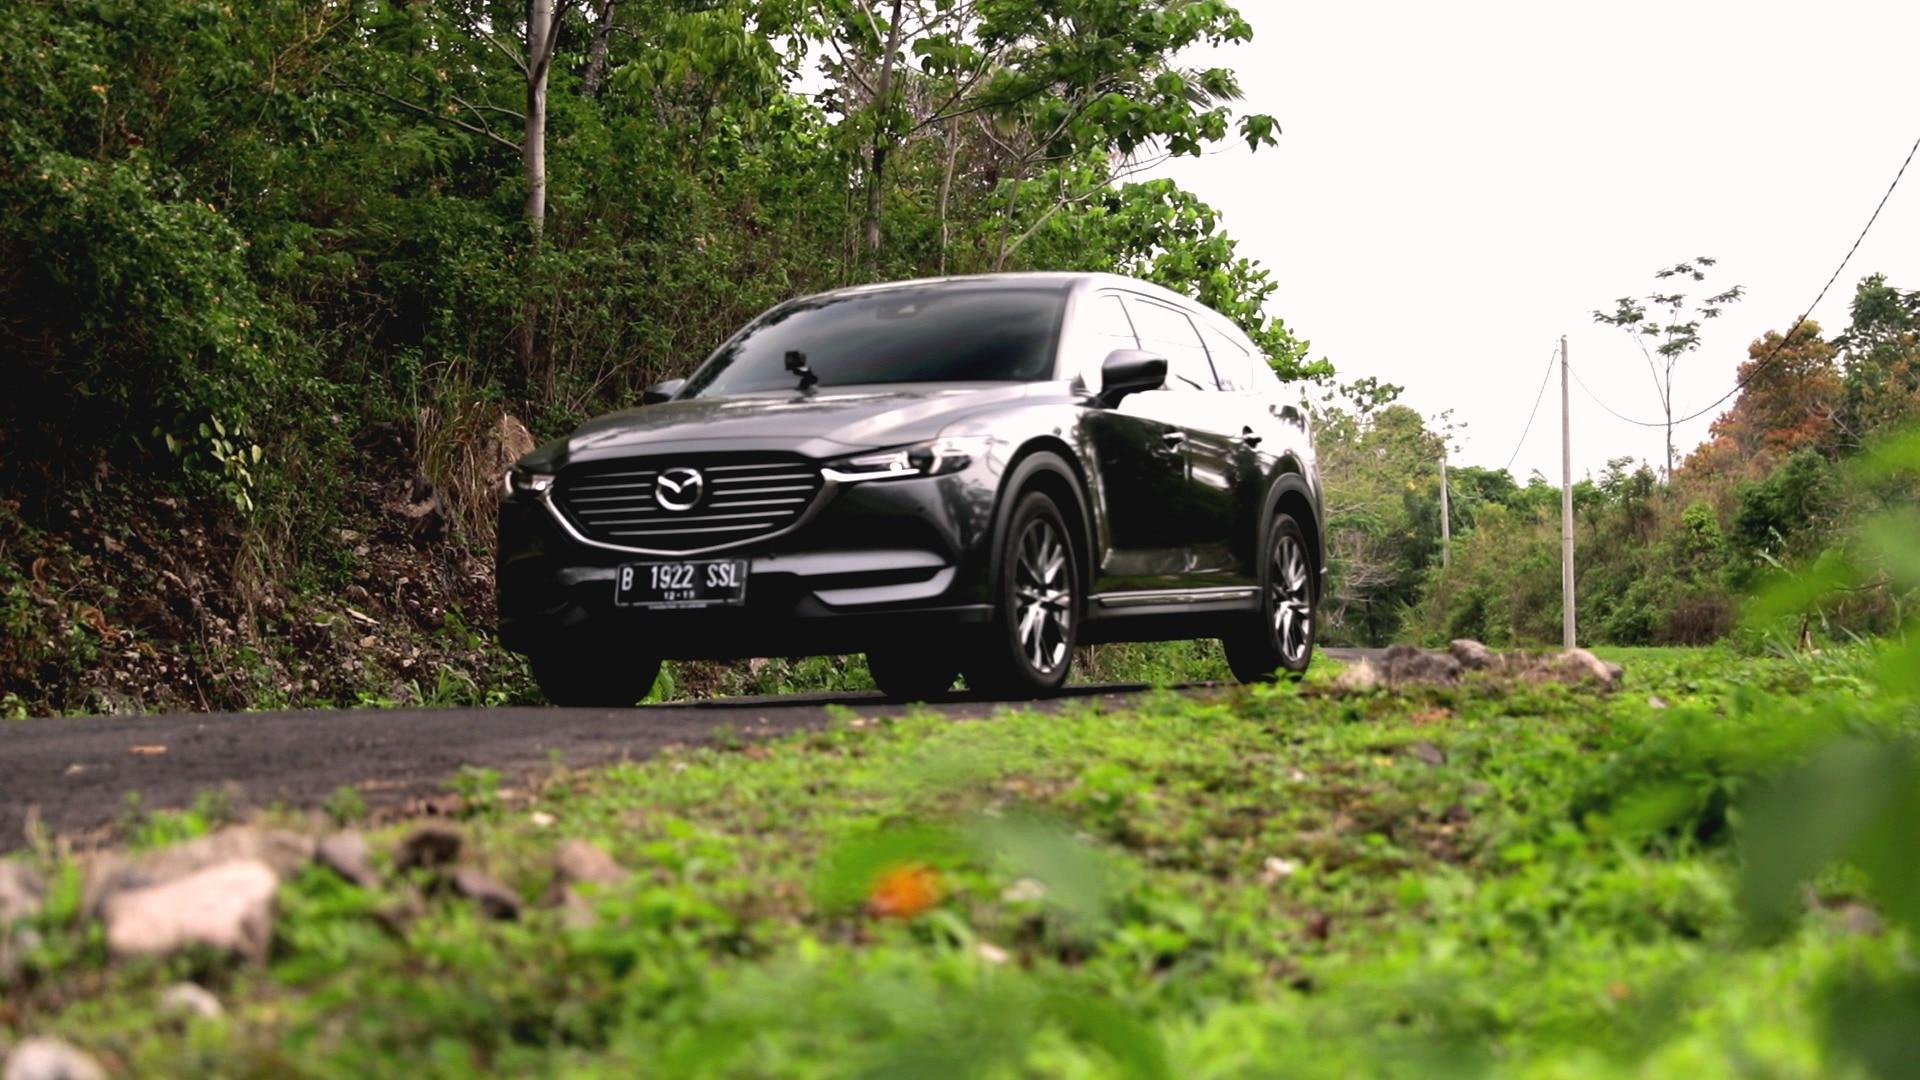 Menikmati Keindahan Alam Priangan Bersama All-New Mazda CX-8 (Bagian 2)